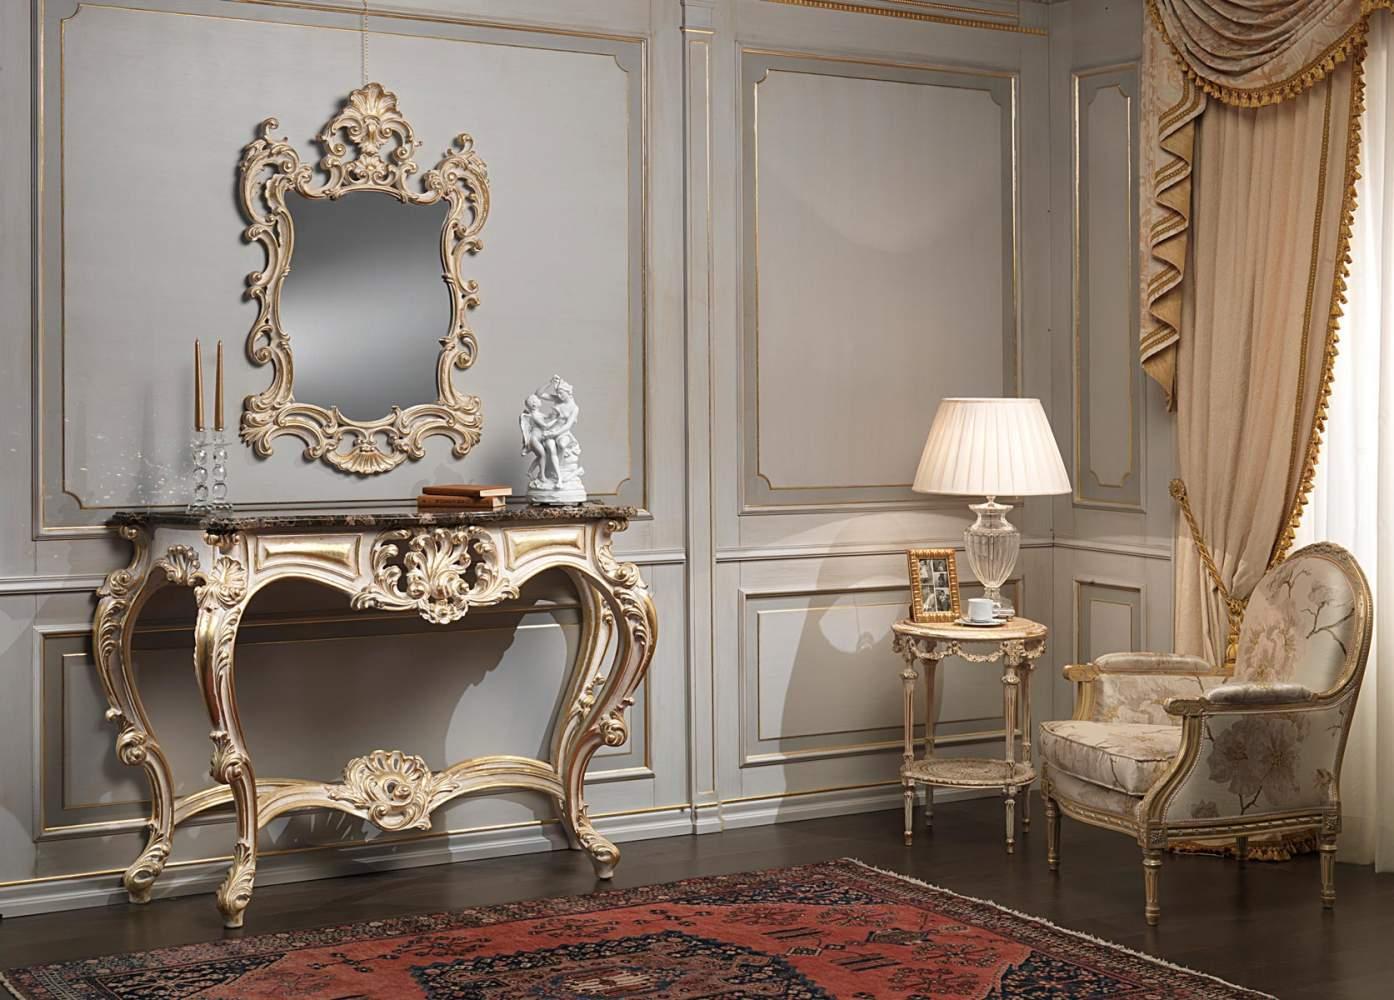 Consolle classica intagliata White and Gold